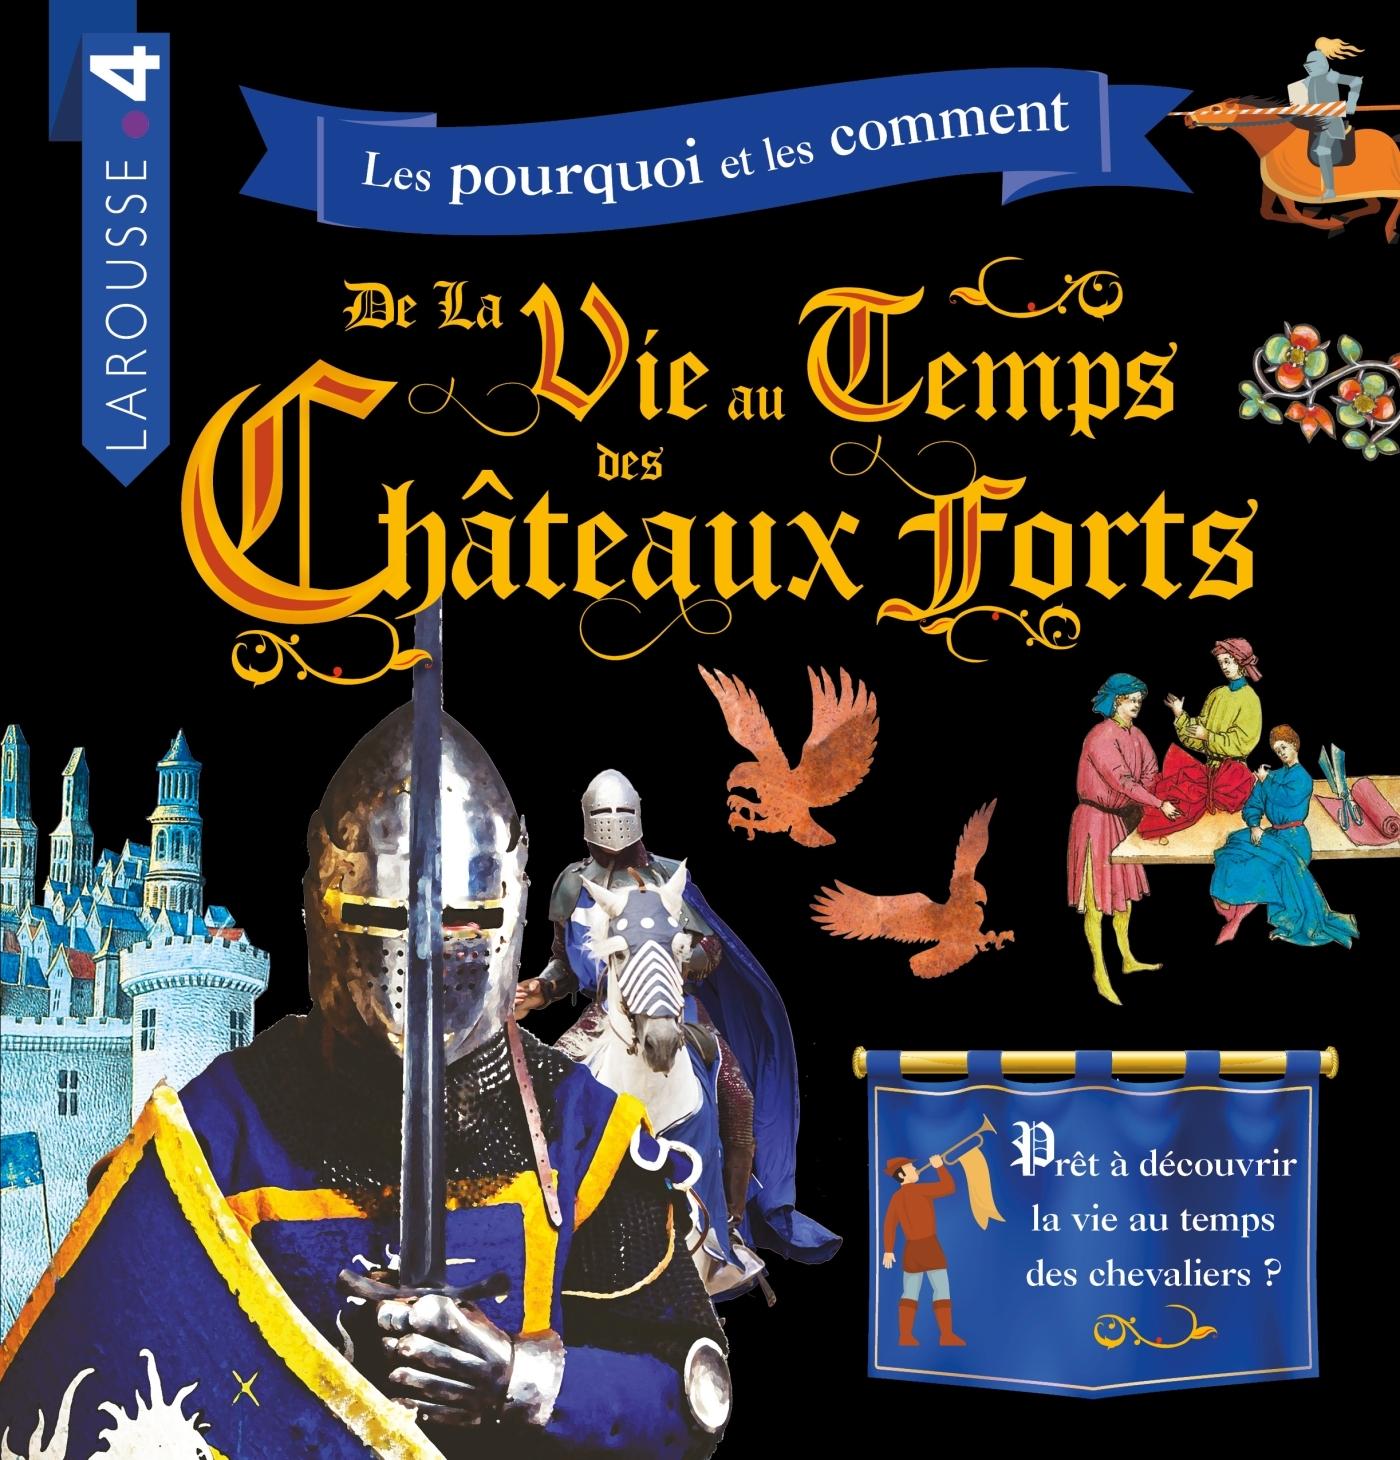 LA VIE AU TEMPS DES CHATEAUX FORTS